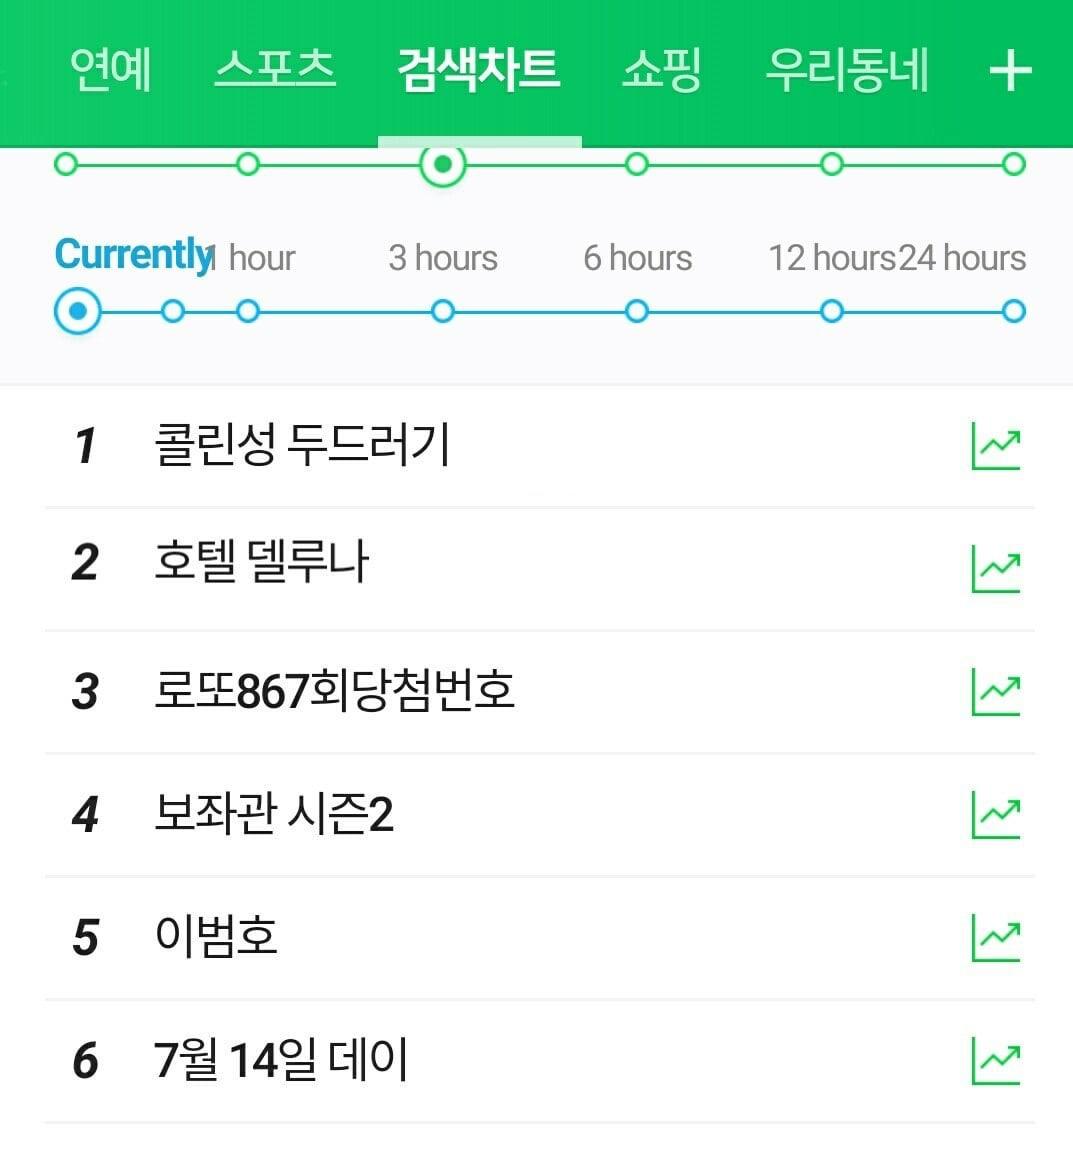 V (BTS) tiết lộ bị bệnh có thể đe dọa đến tính mạng, fan hoang mang đến mức đưa từ khóa lên luôn top trend tại Hàn - Ảnh 3.